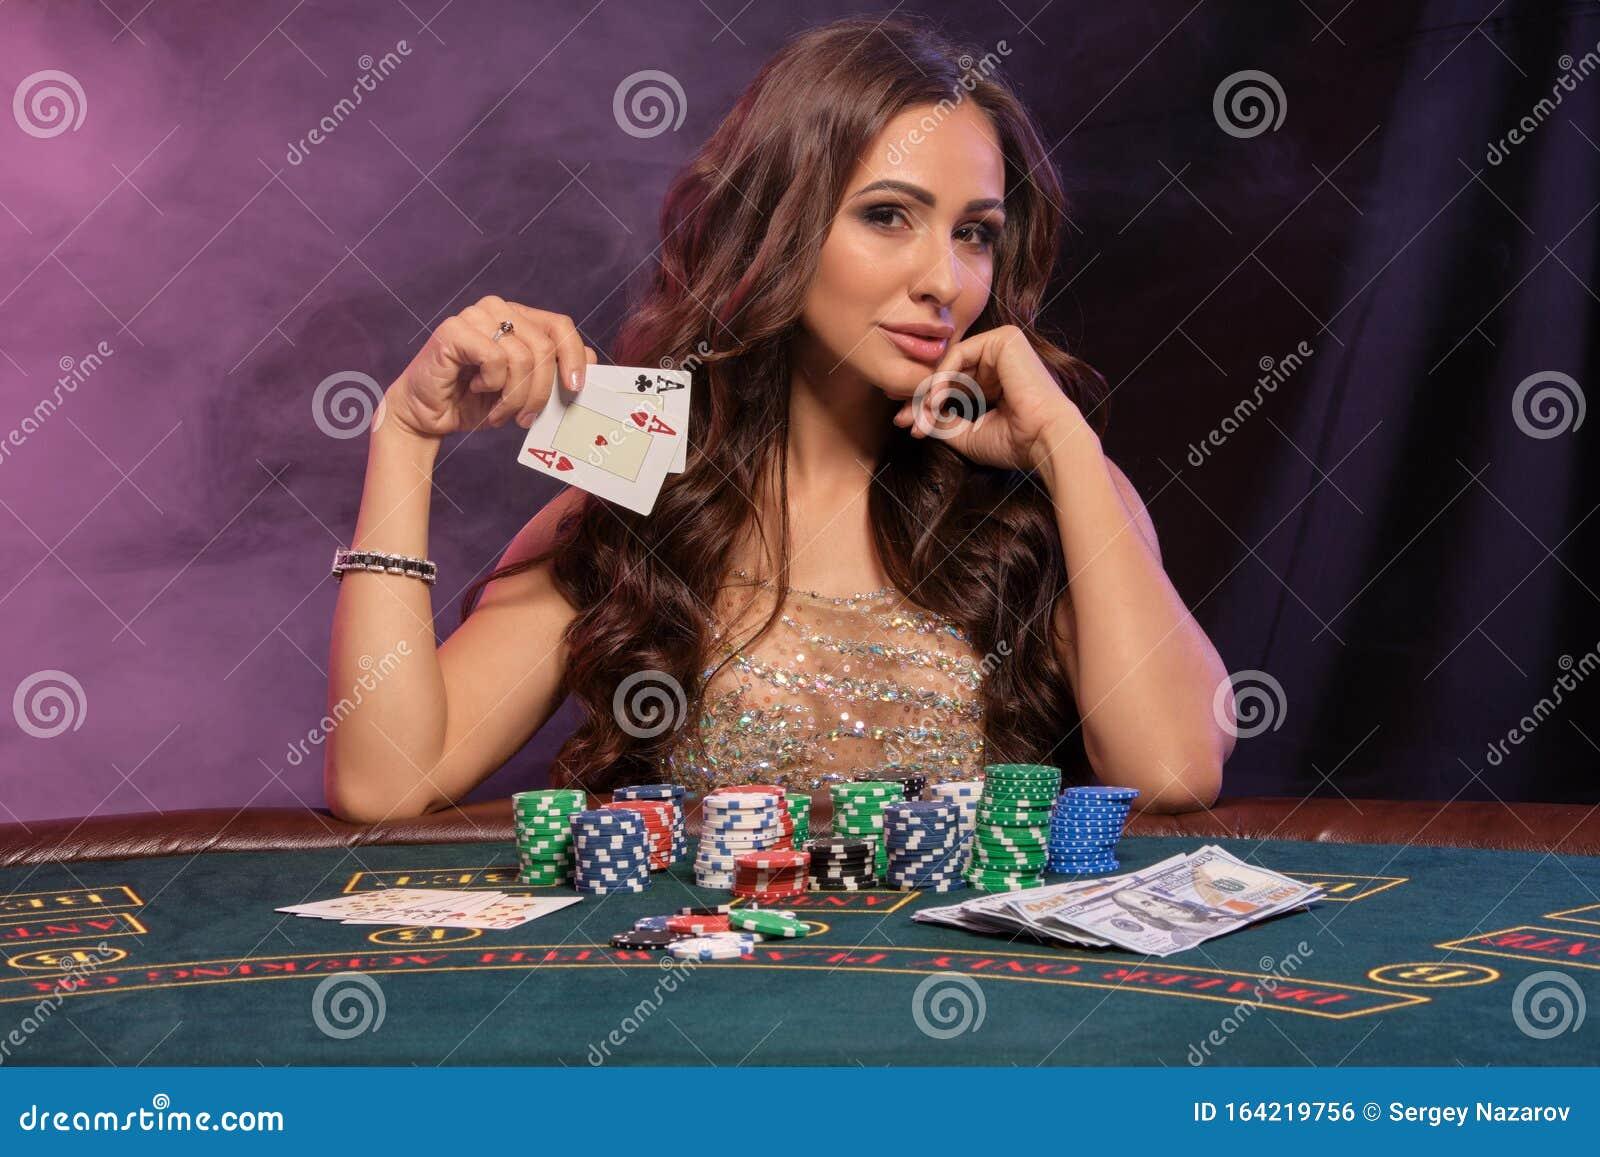 Free no deposit mobile casino